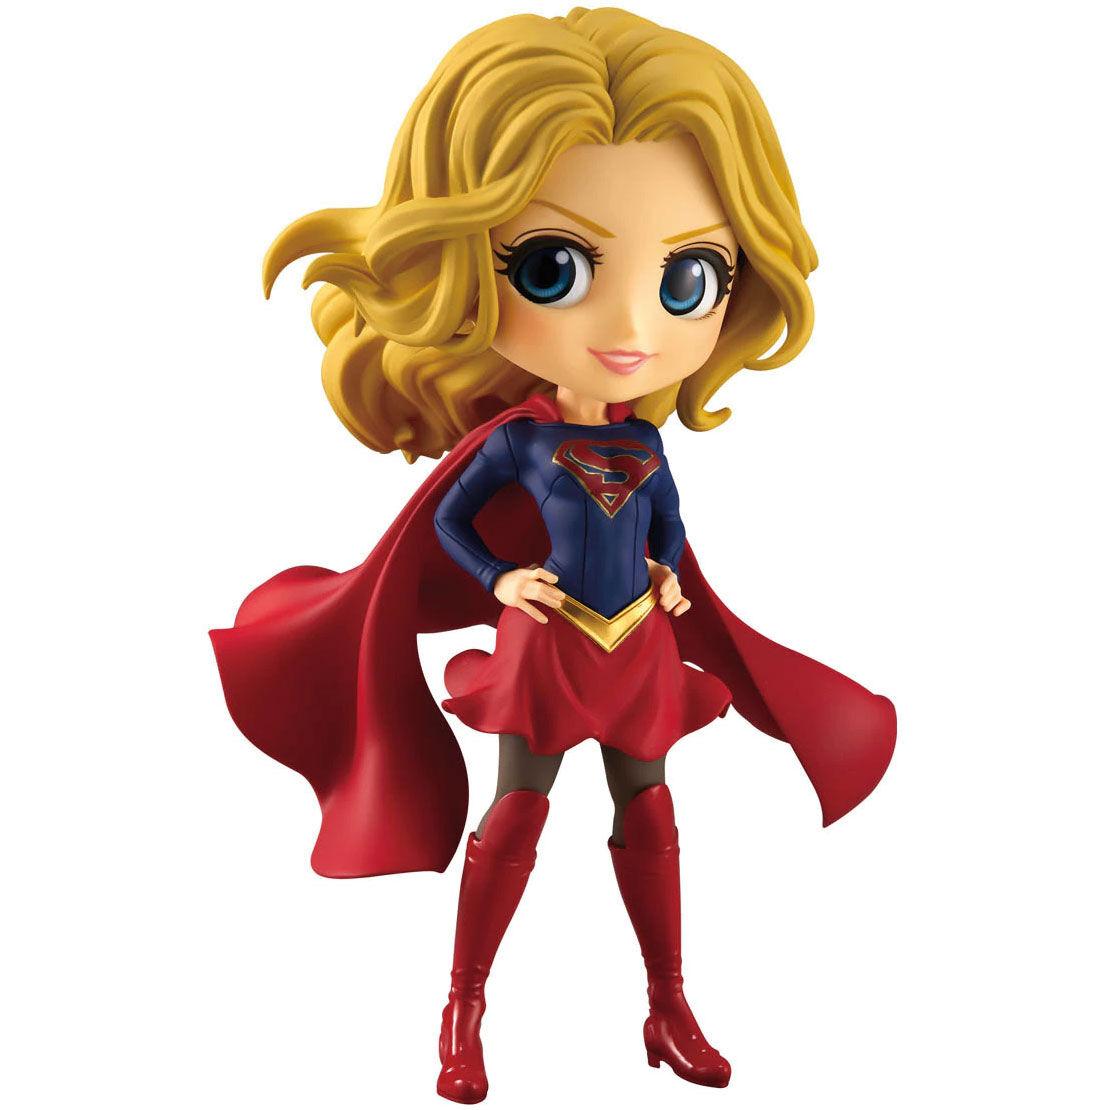 Figura Supergirl DC Comics Q Posket A 14cm 3296580827527